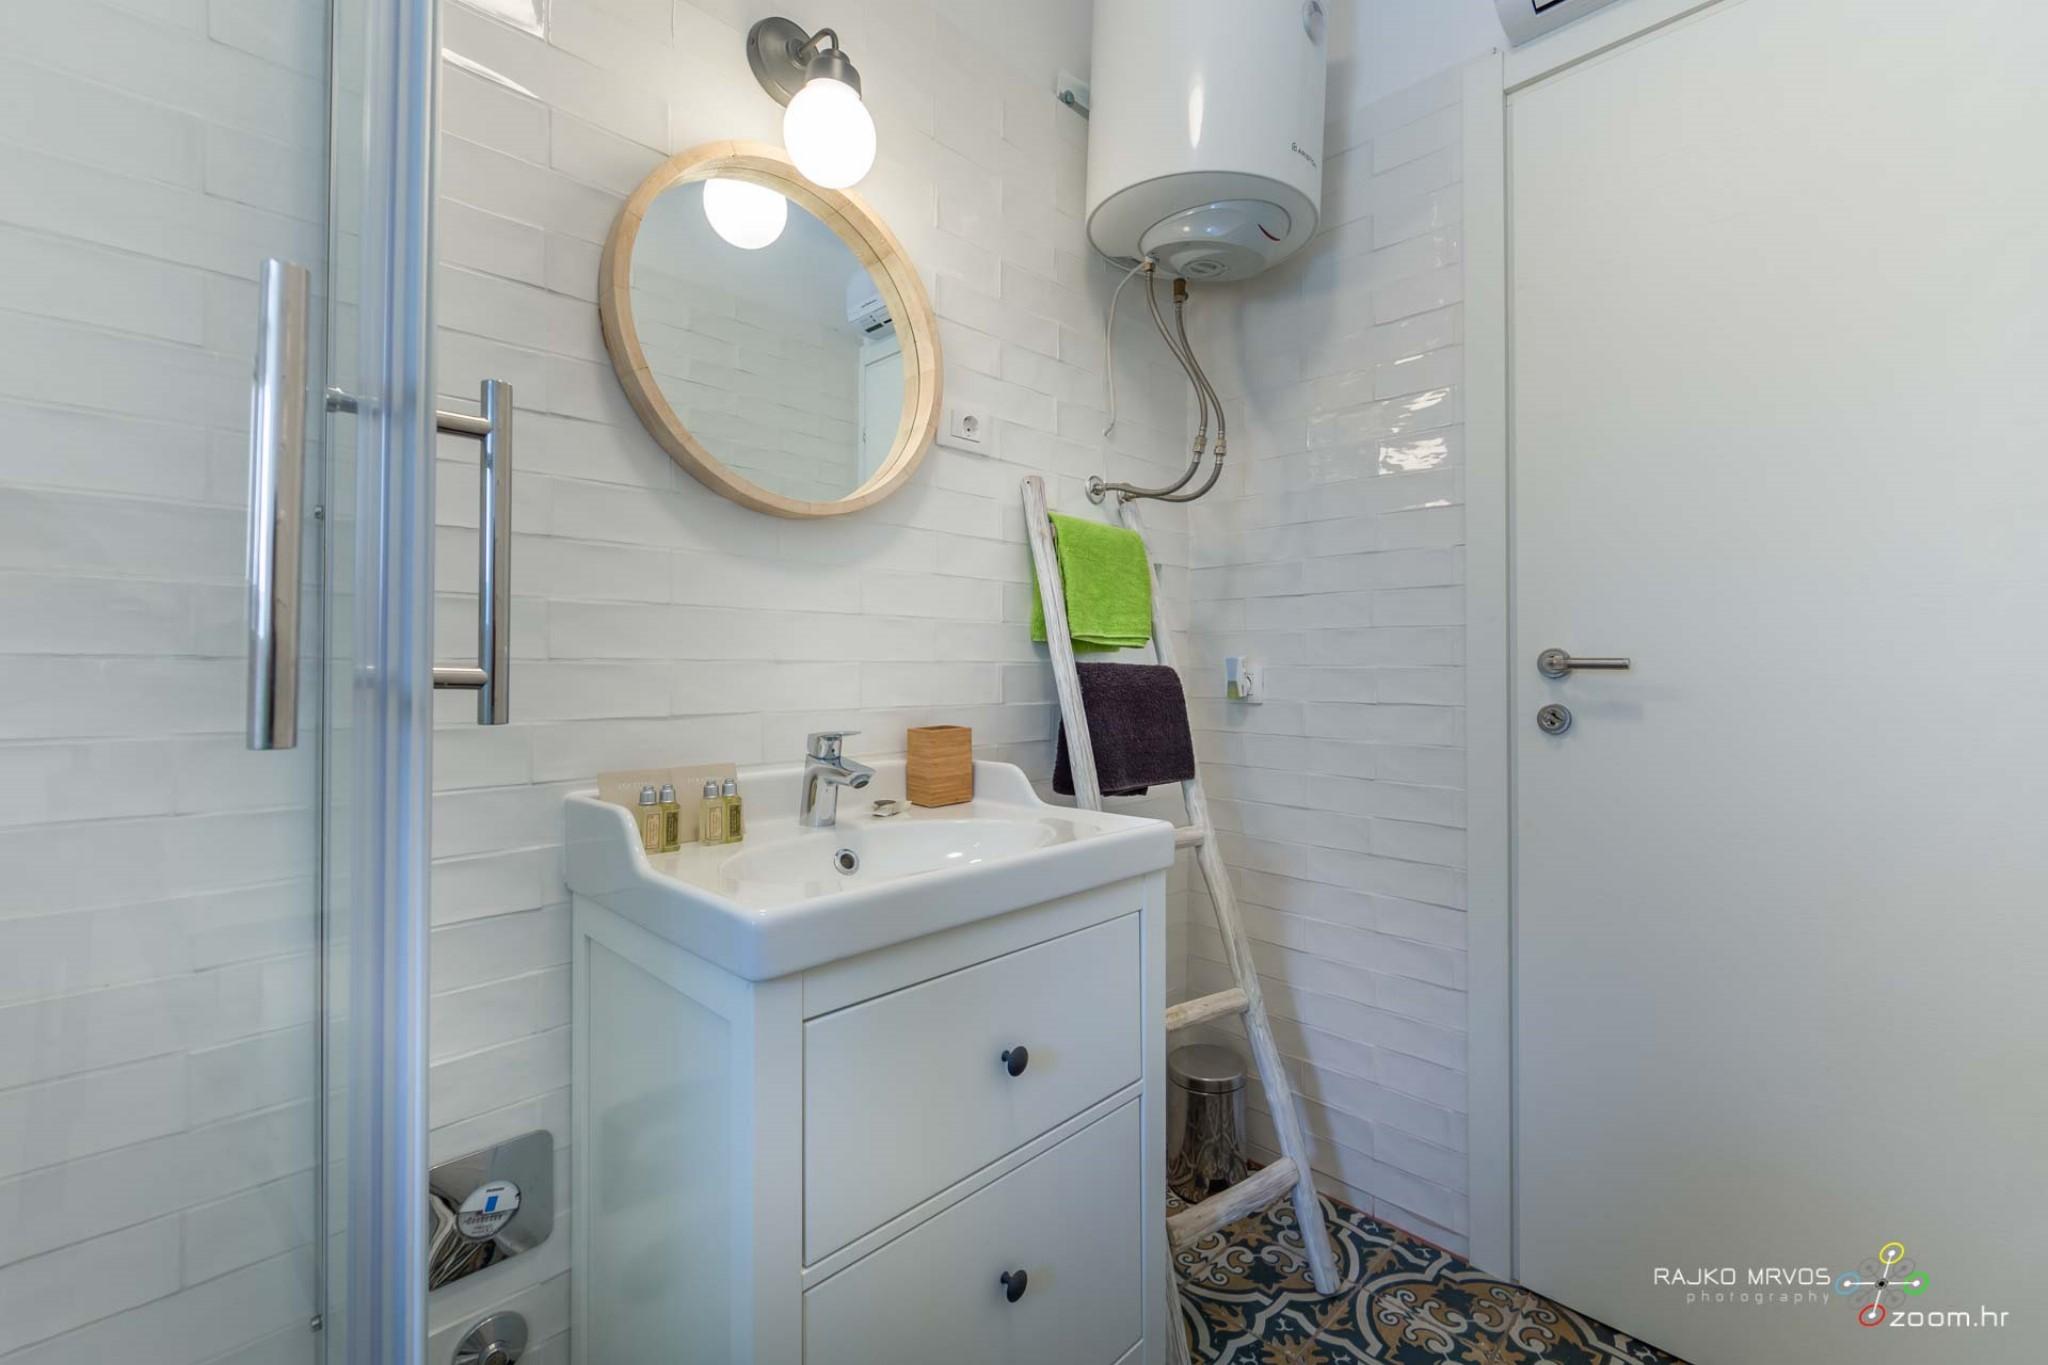 fotograf-interijera-fotograf-eksterijera-slikanje-apartmana-Central-Rijeka-Apartments-57